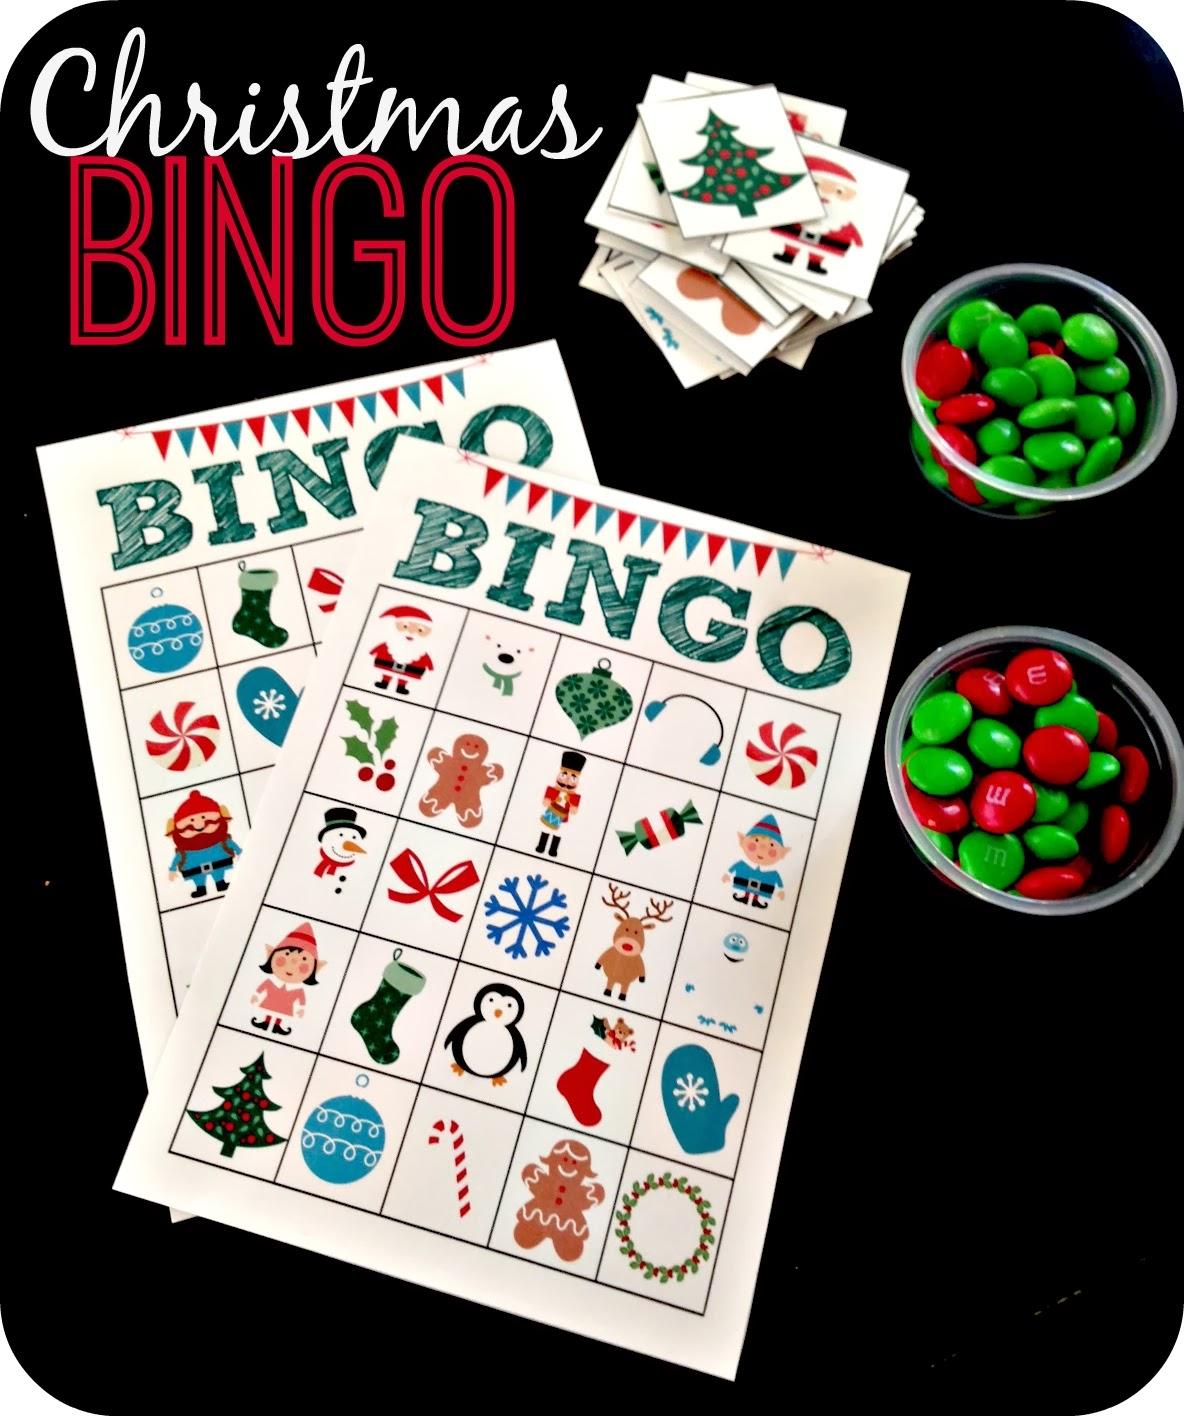 Free Printable Christmas Bingo Cards For Adults: Blue Skies Ahead: Printable Christmas Bingo